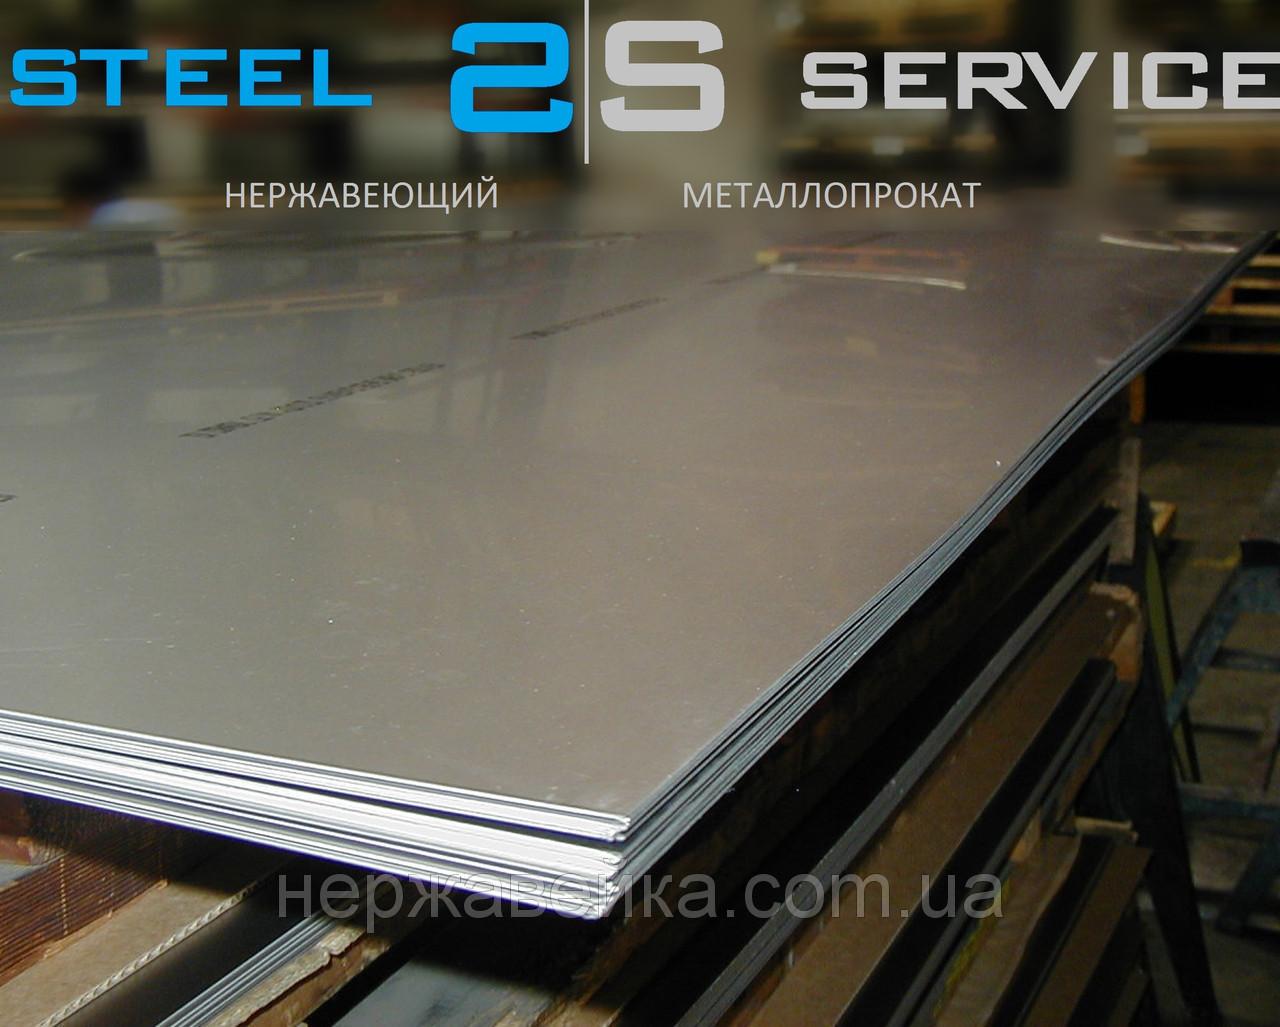 Нержавейка лист 2х1250х2500мм  AISI 316Ti(10Х17Н13М2Т) 4N - шлифованный,  кислотостойкий